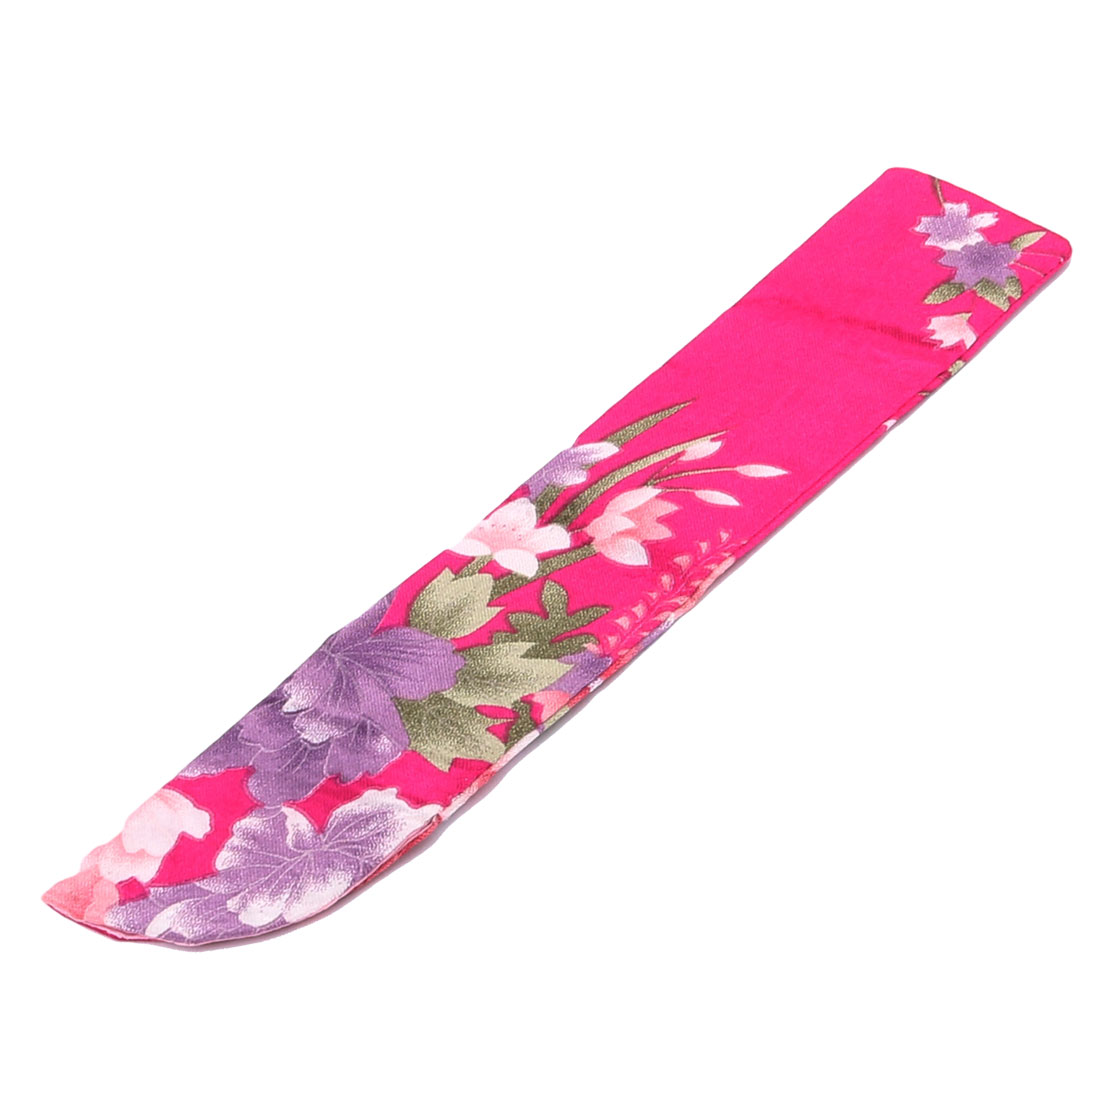 Fabric Flowers Pattern Summer Hand Folding Fan Pouch Sheath Cover Purple